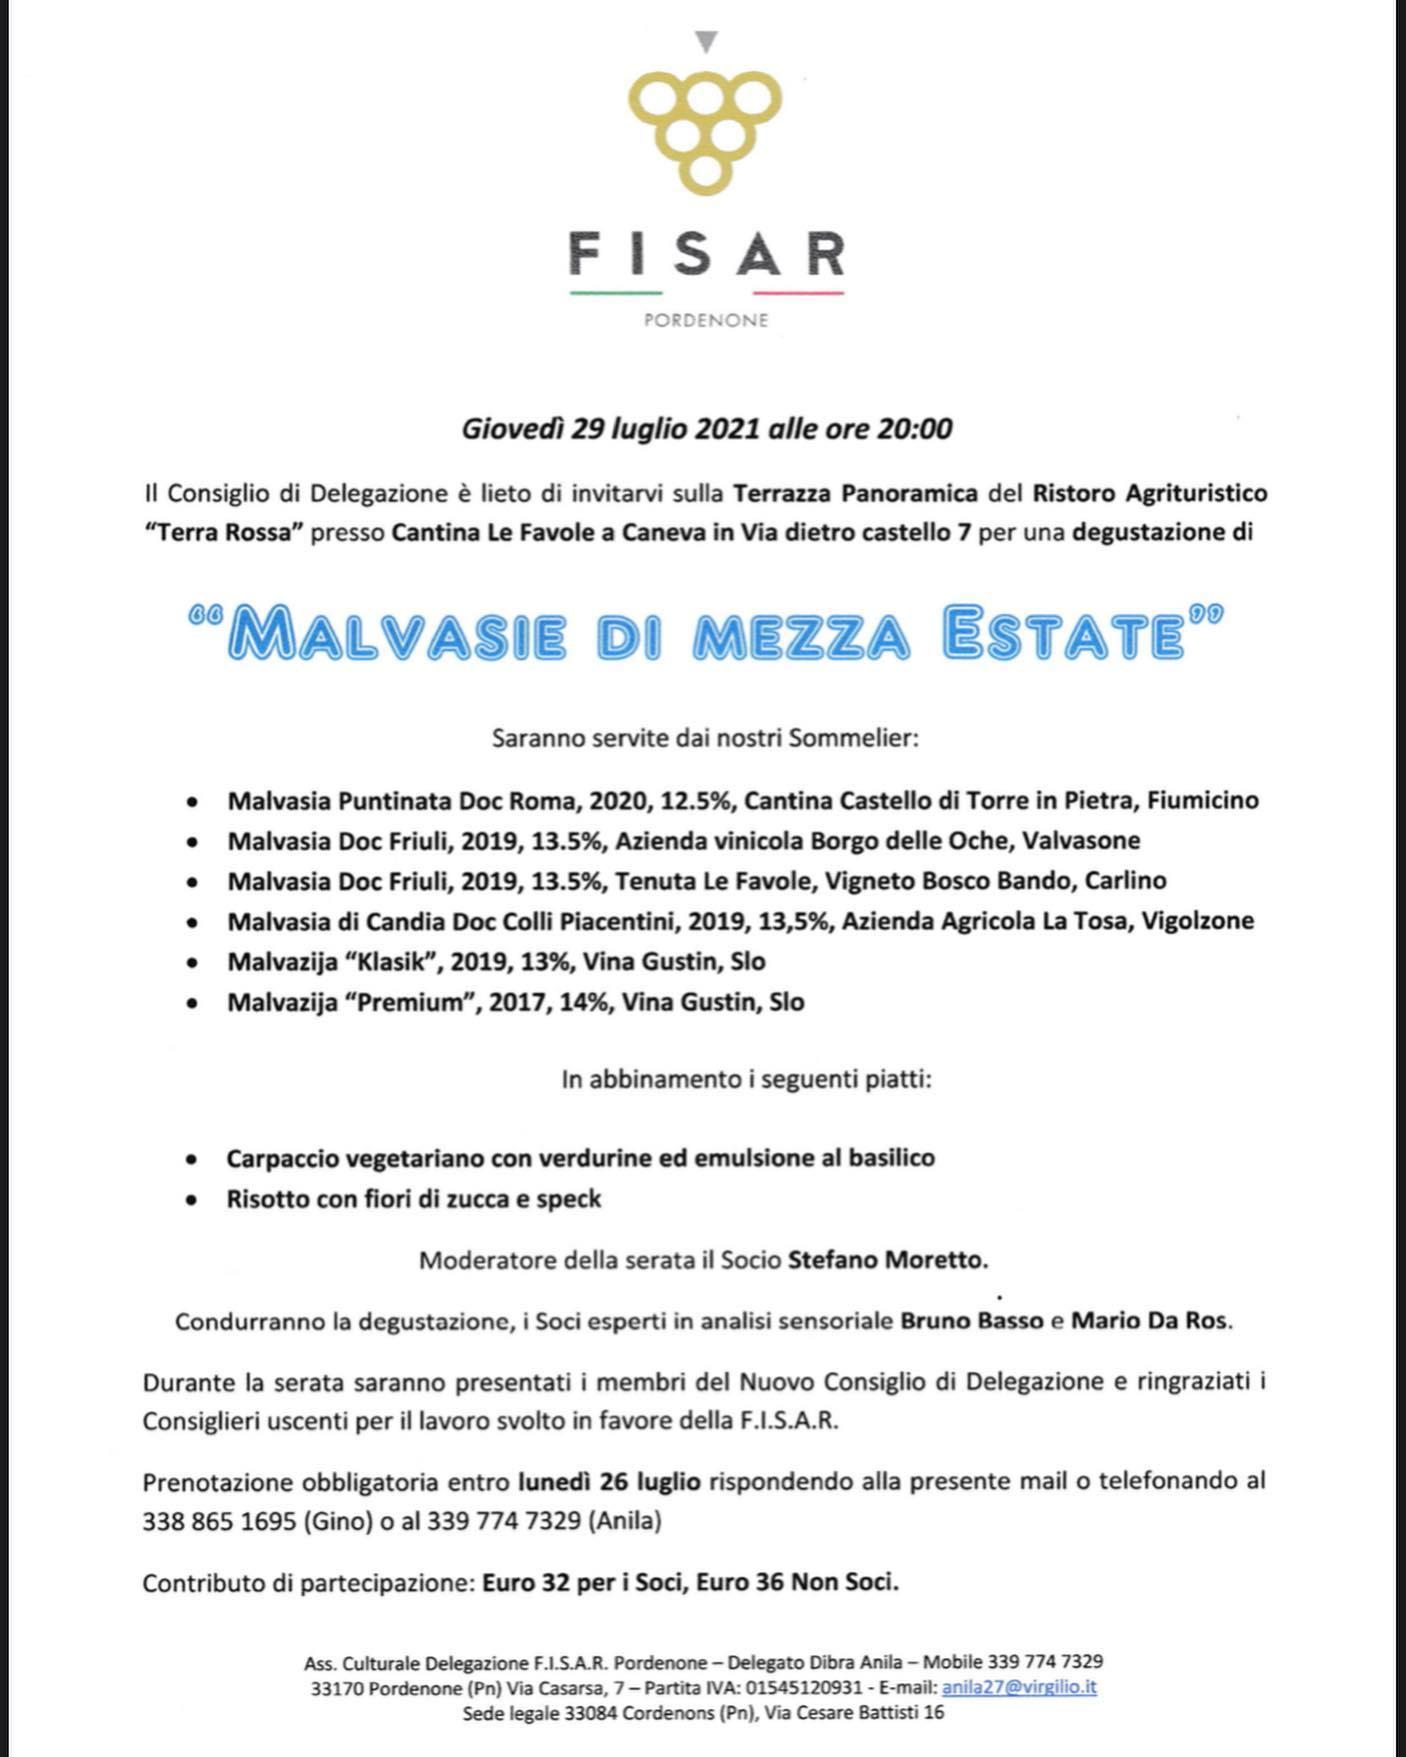 Evento Fisar Malvasie di Mezza Estate TerraRossa Caneva